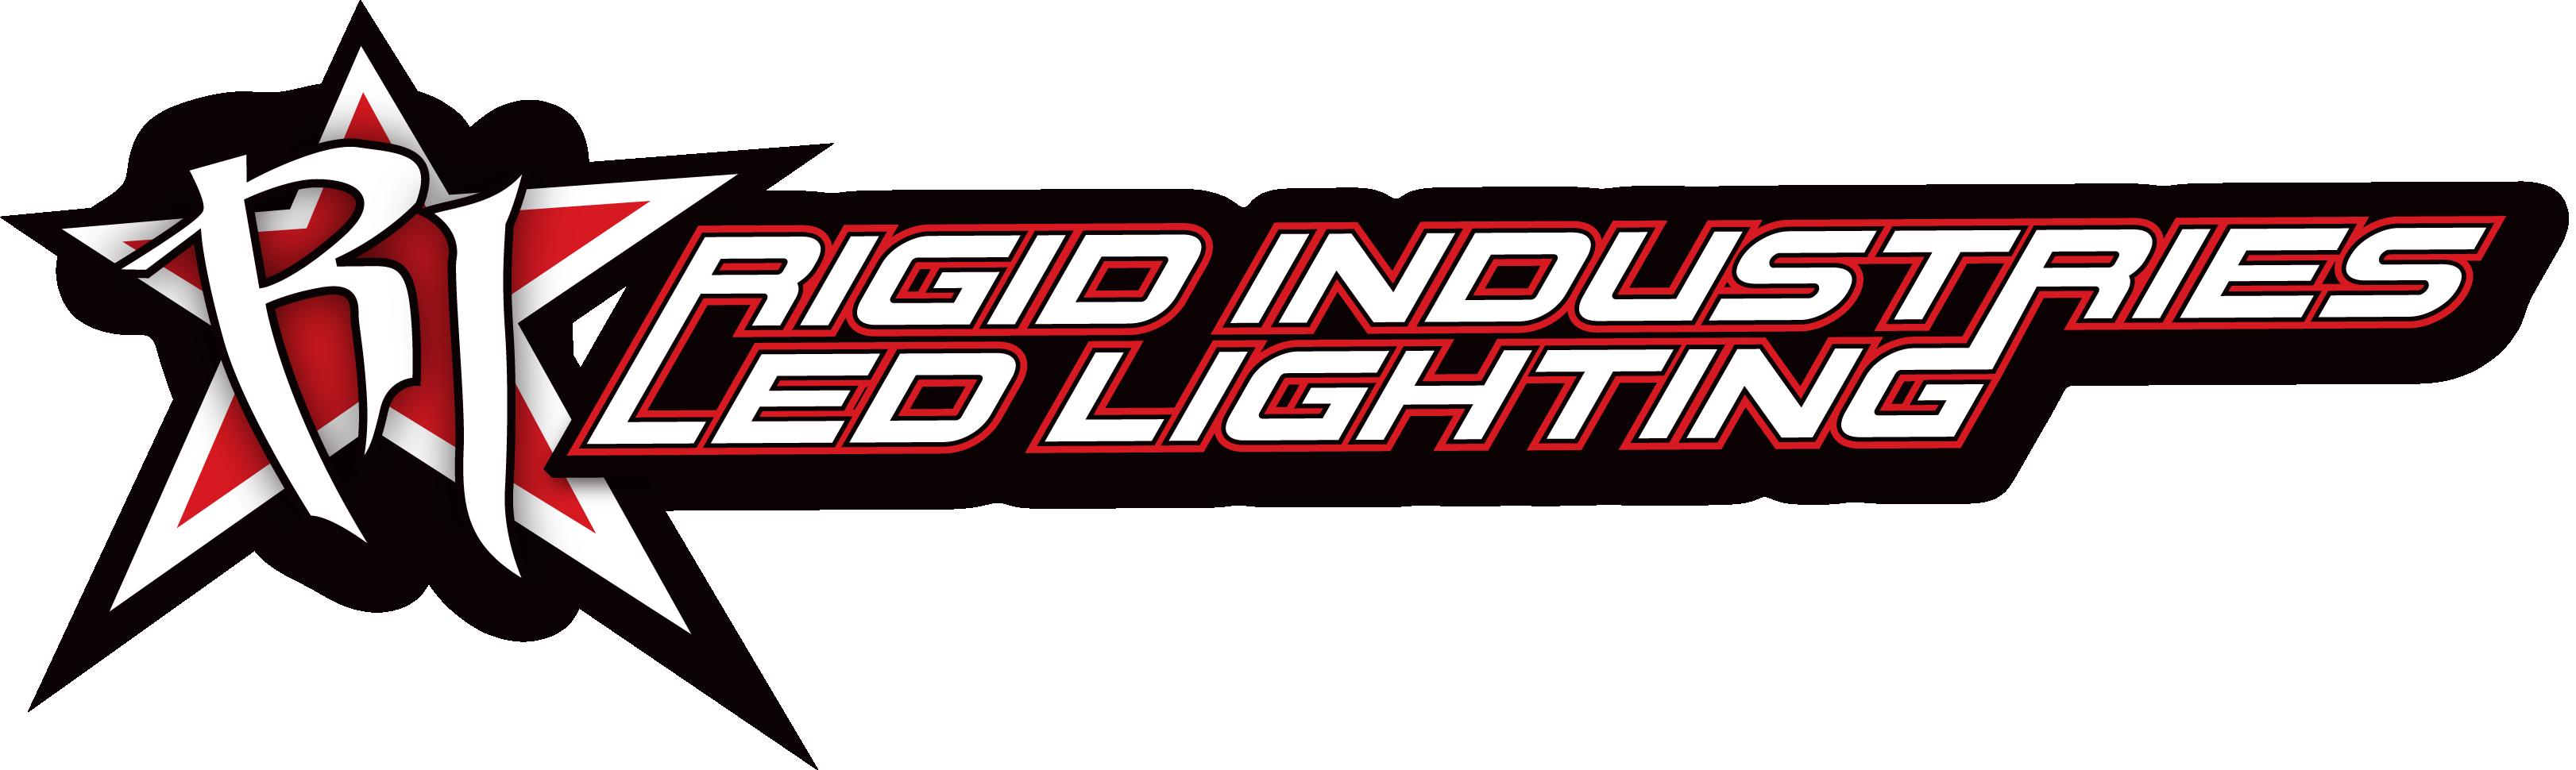 Rigid Industries - PSG Automotive